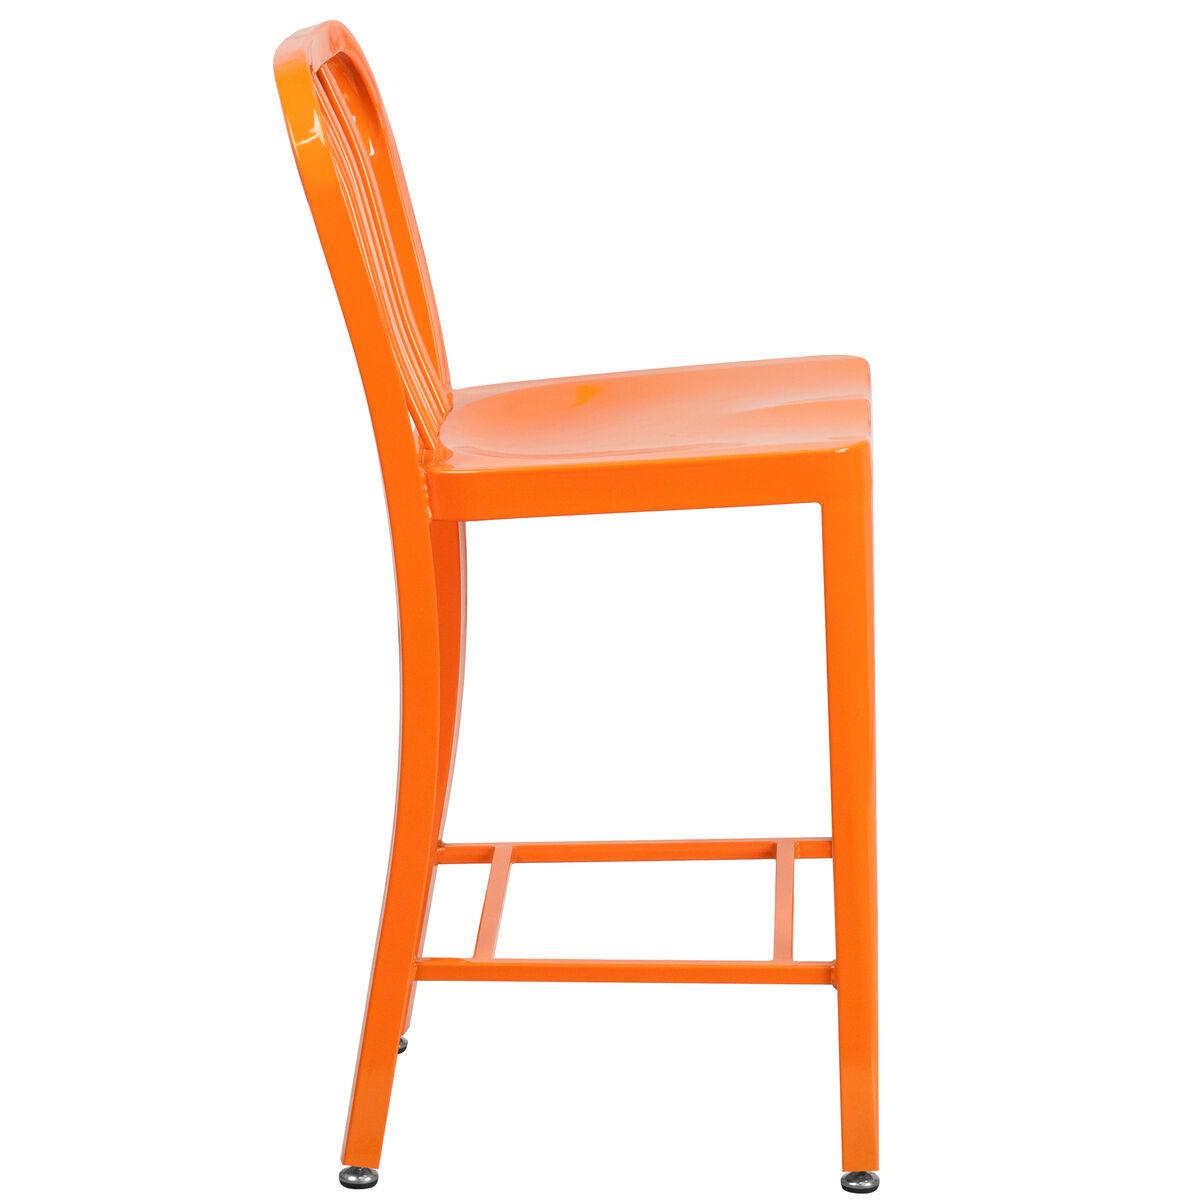 24 High Orange Metal Indoor Outdoor Counter Height Stool